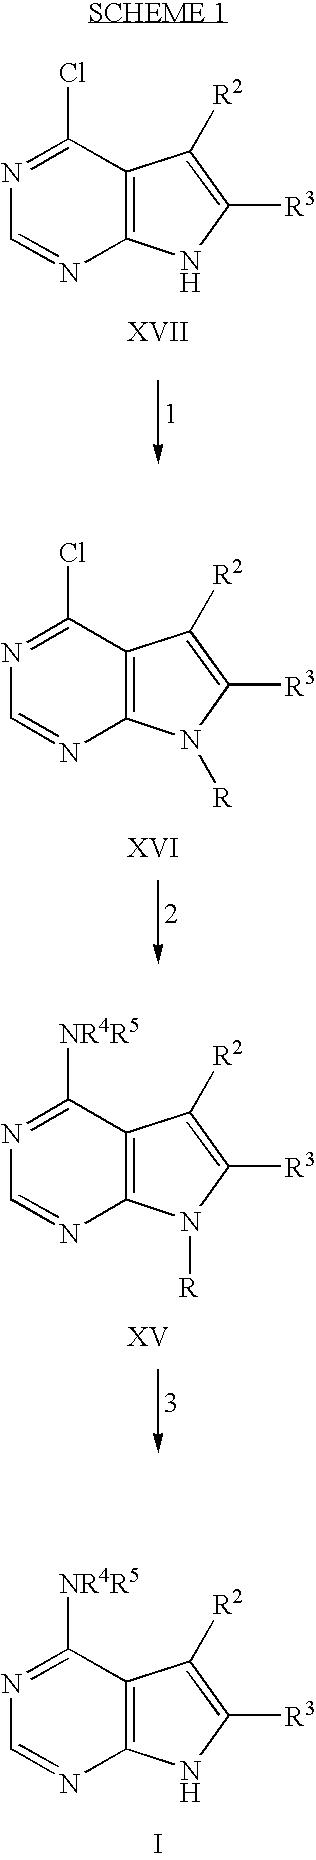 Figure US20040229923A1-20041118-C00017